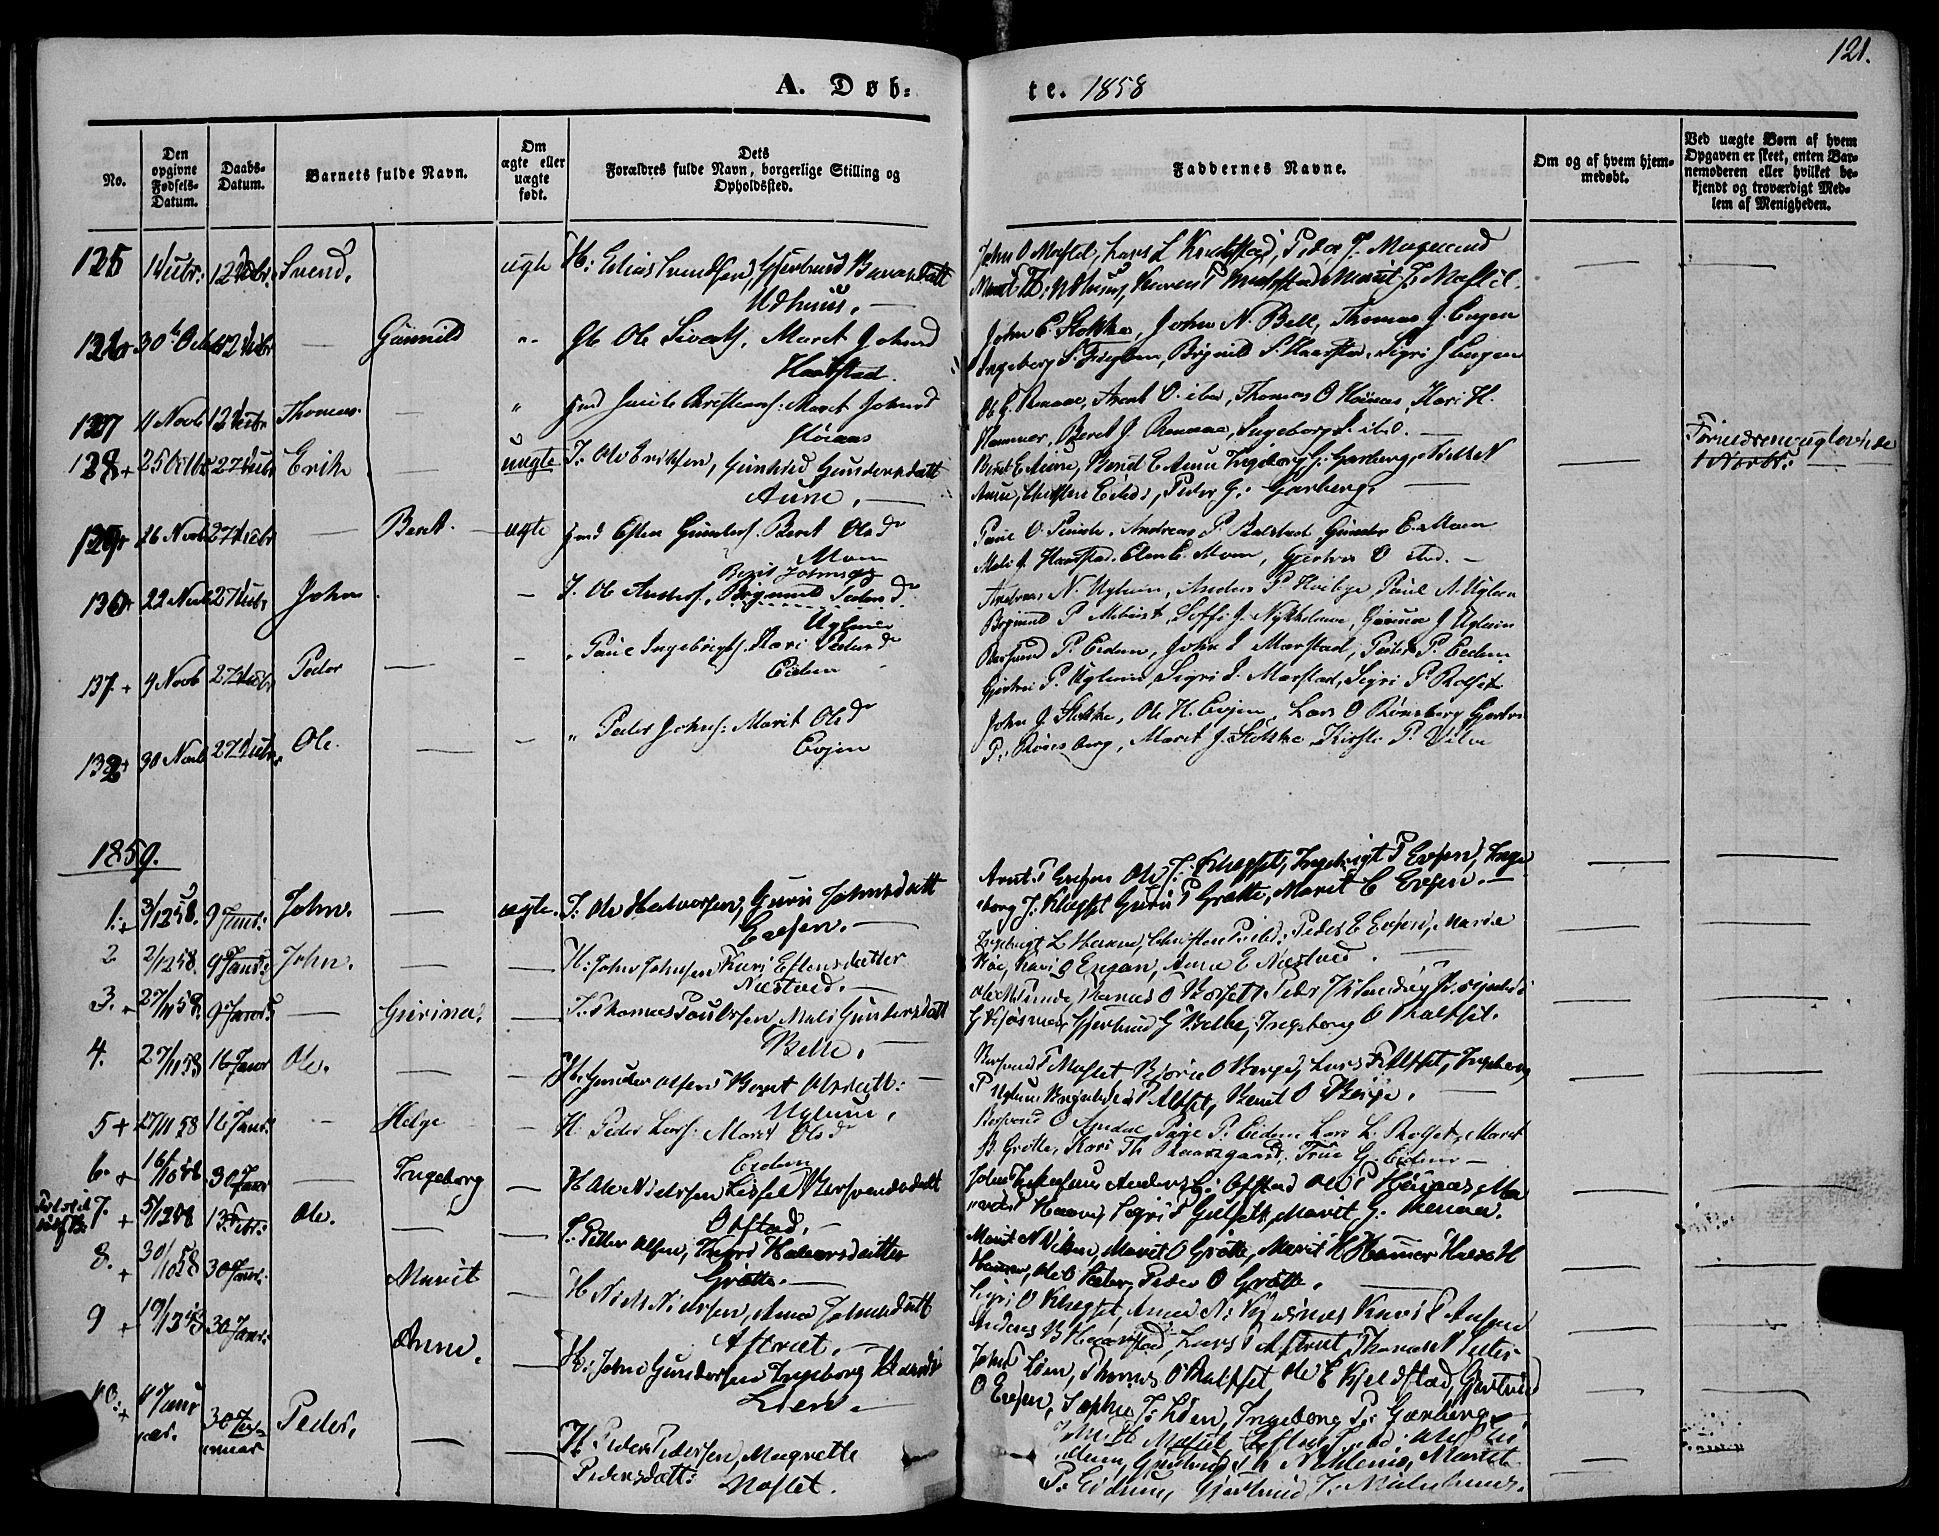 SAT, Ministerialprotokoller, klokkerbøker og fødselsregistre - Sør-Trøndelag, 695/L1145: Ministerialbok nr. 695A06 /1, 1843-1859, s. 121